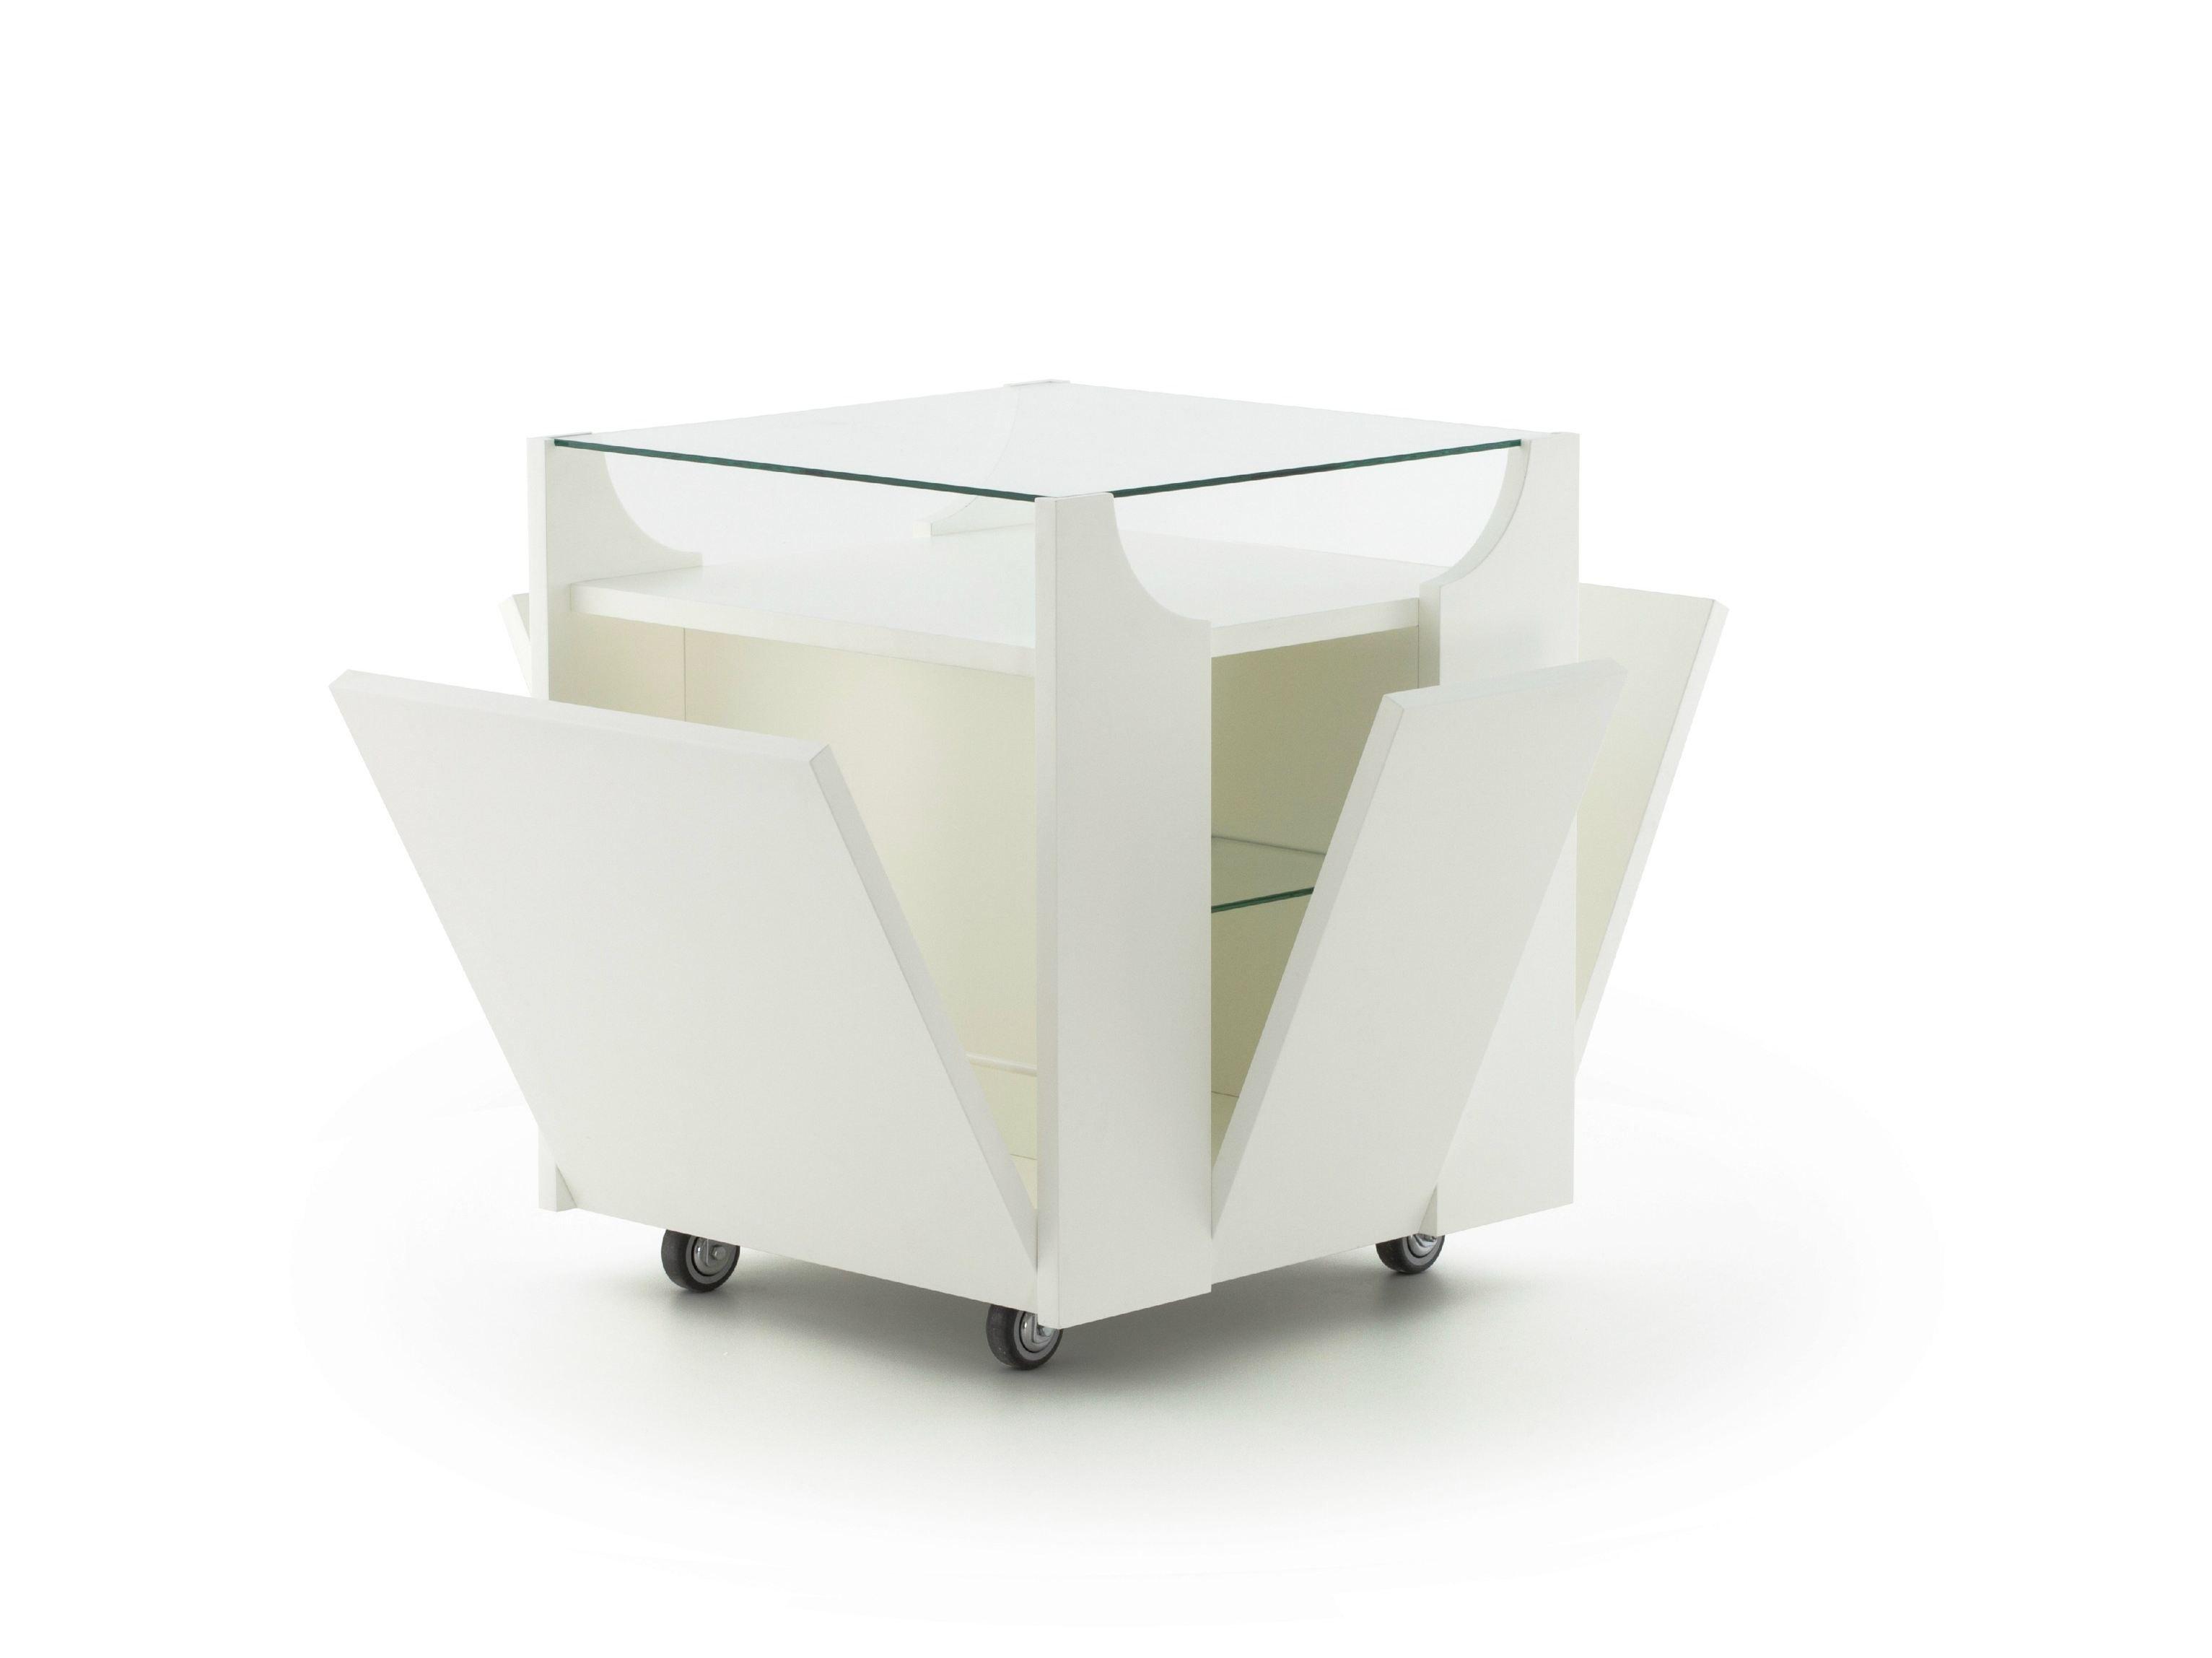 servierwagen aus holz mit schubladen cubovo by porro design bruno munari. Black Bedroom Furniture Sets. Home Design Ideas